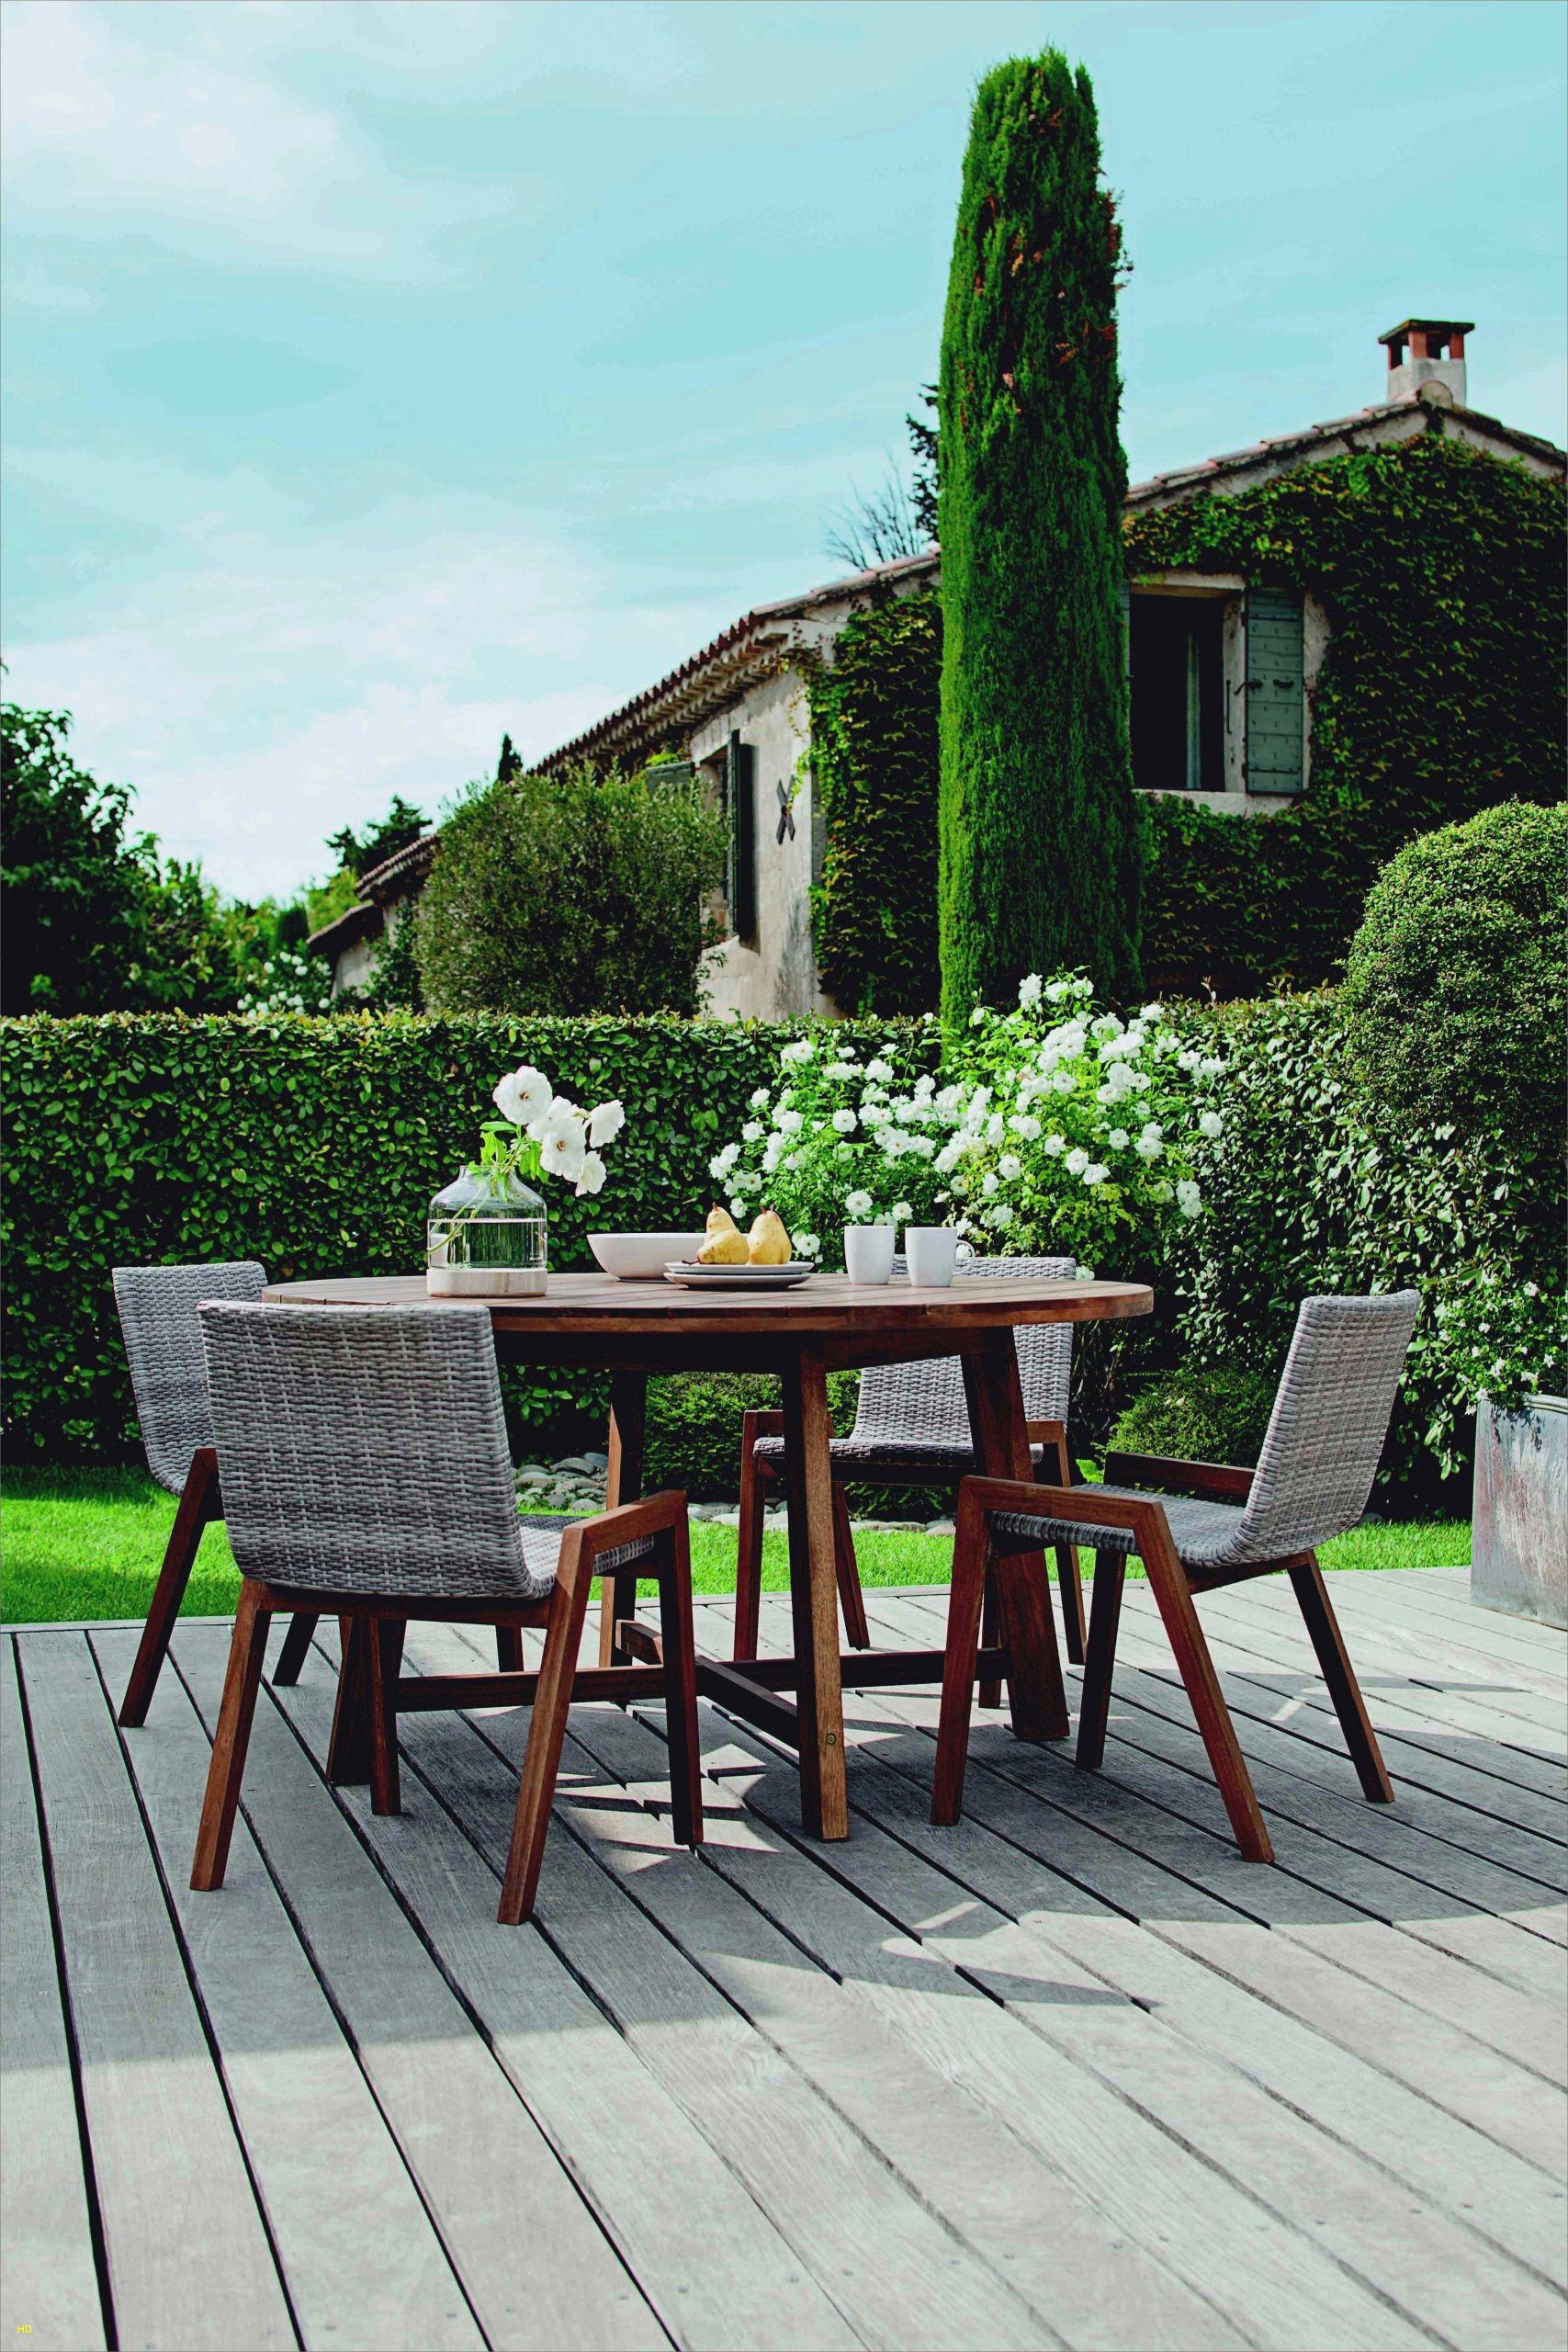 Solde Salon Jardin Best Of Salon De Jardin Leclerc Catalogue ... concernant Salon De Jardin Leclerc Catalogue